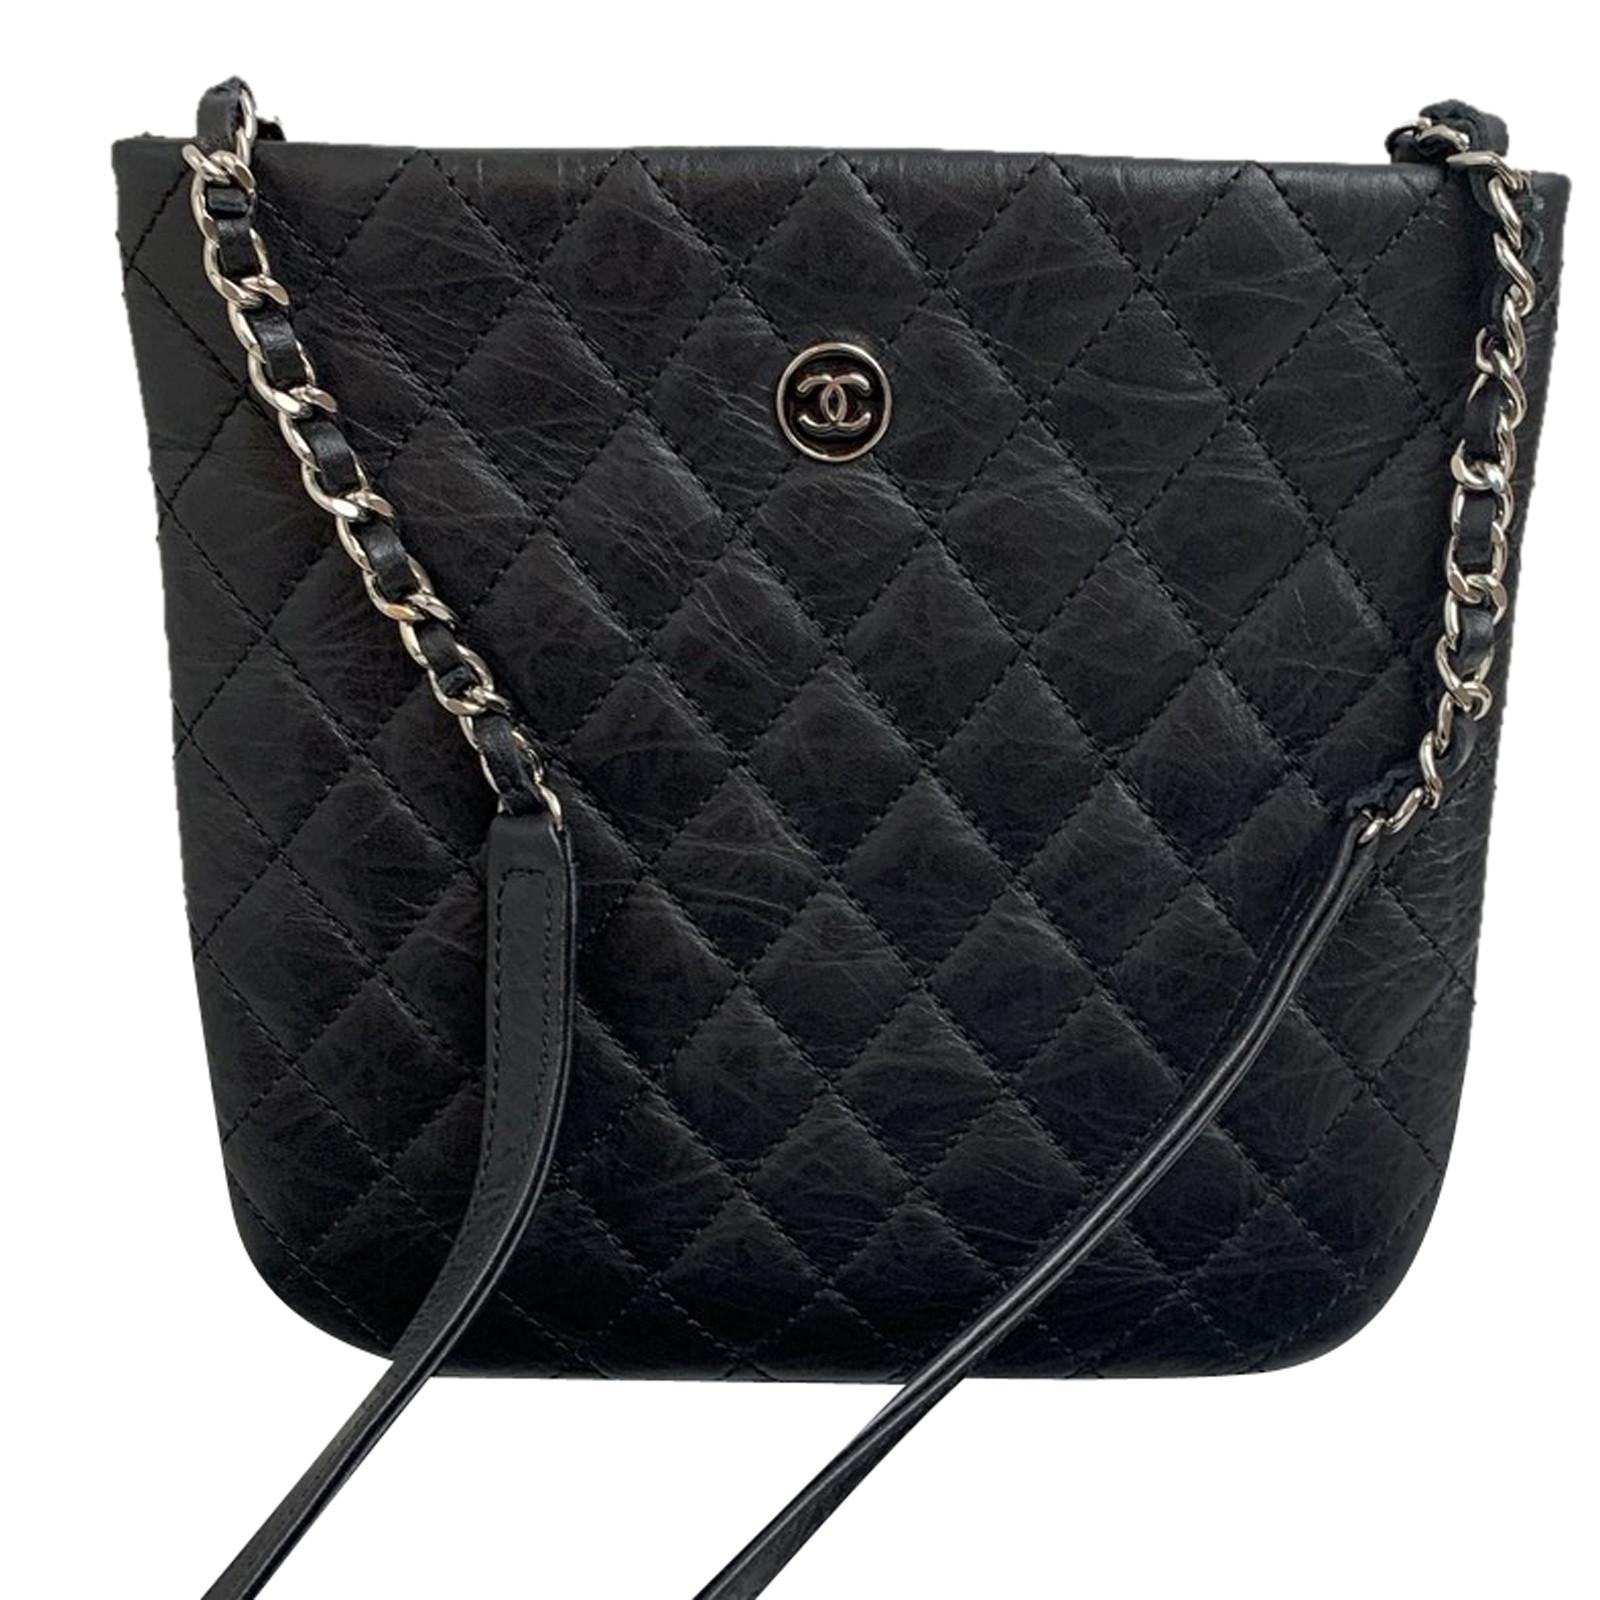 design senza tempo 679d2 87f4c Chanel Borsa a tracolla in Pelle in Nero - Second hand Chanel ...